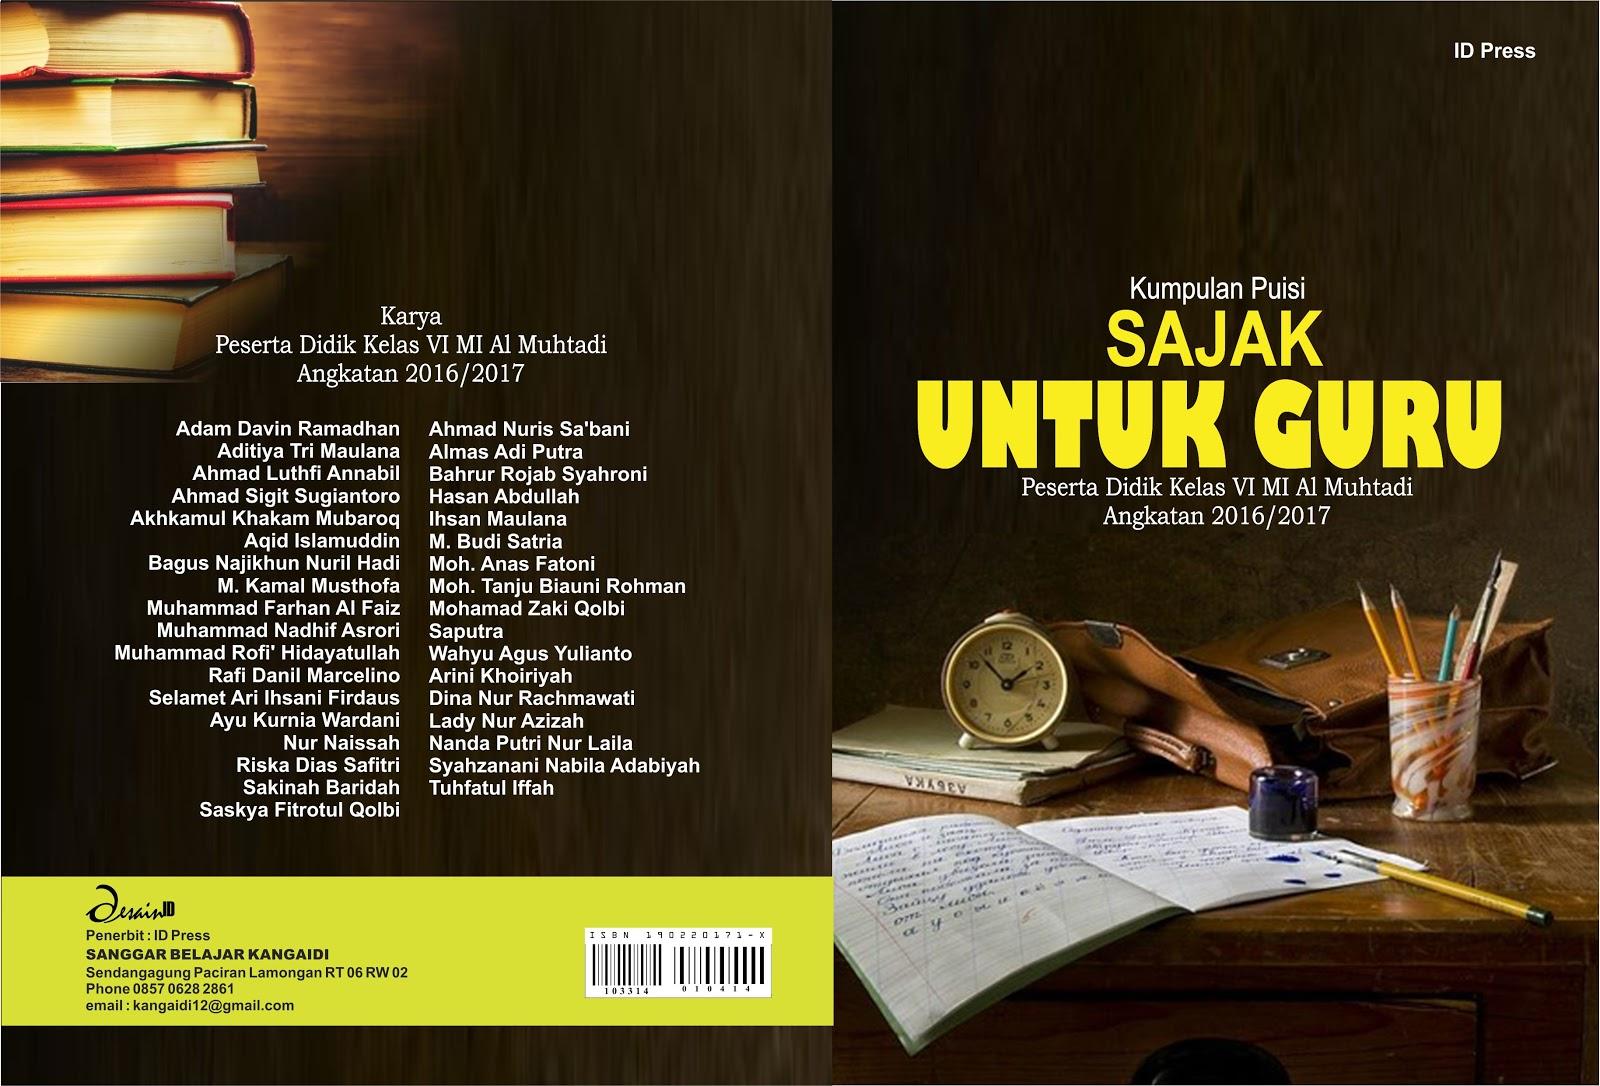 Buku Kumpulan Puisi Sajak Untuk Guru Mi Maarif Almuhtadi Sendangagung